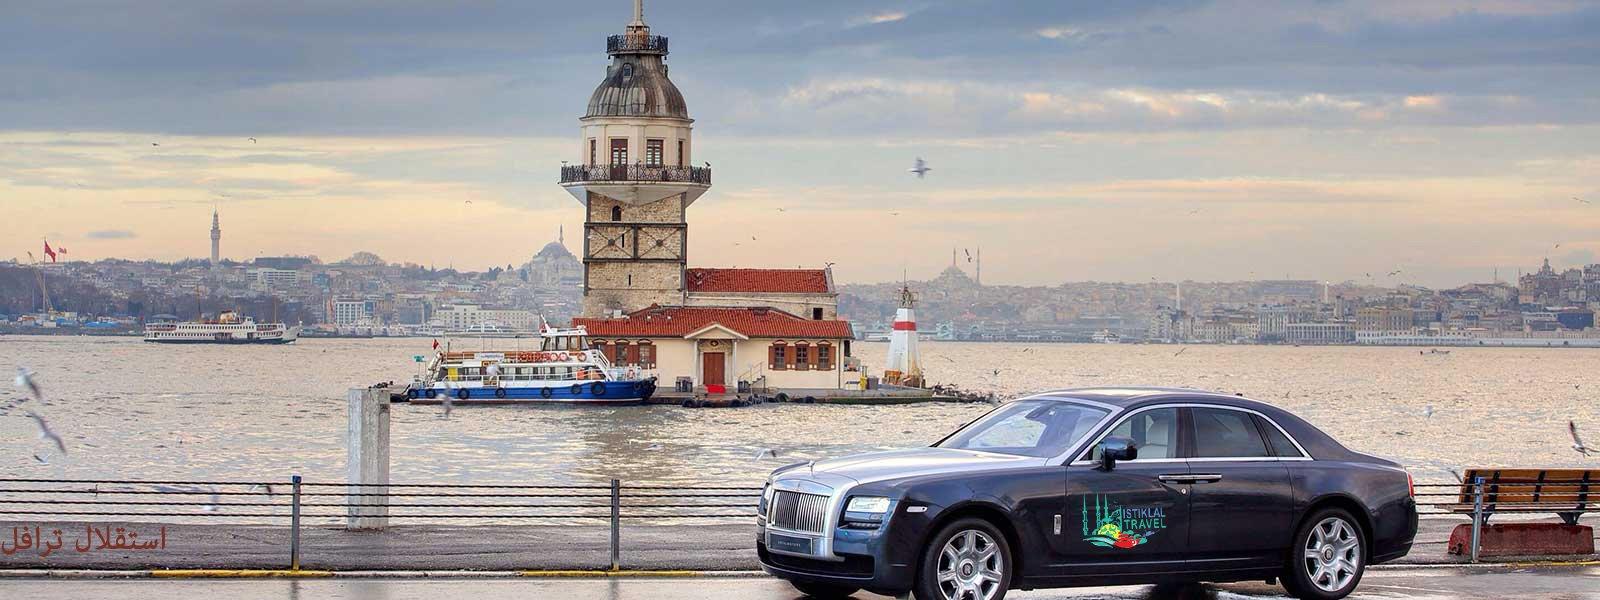 تأجير سيارات مع سائق في اسطنبول تركيا